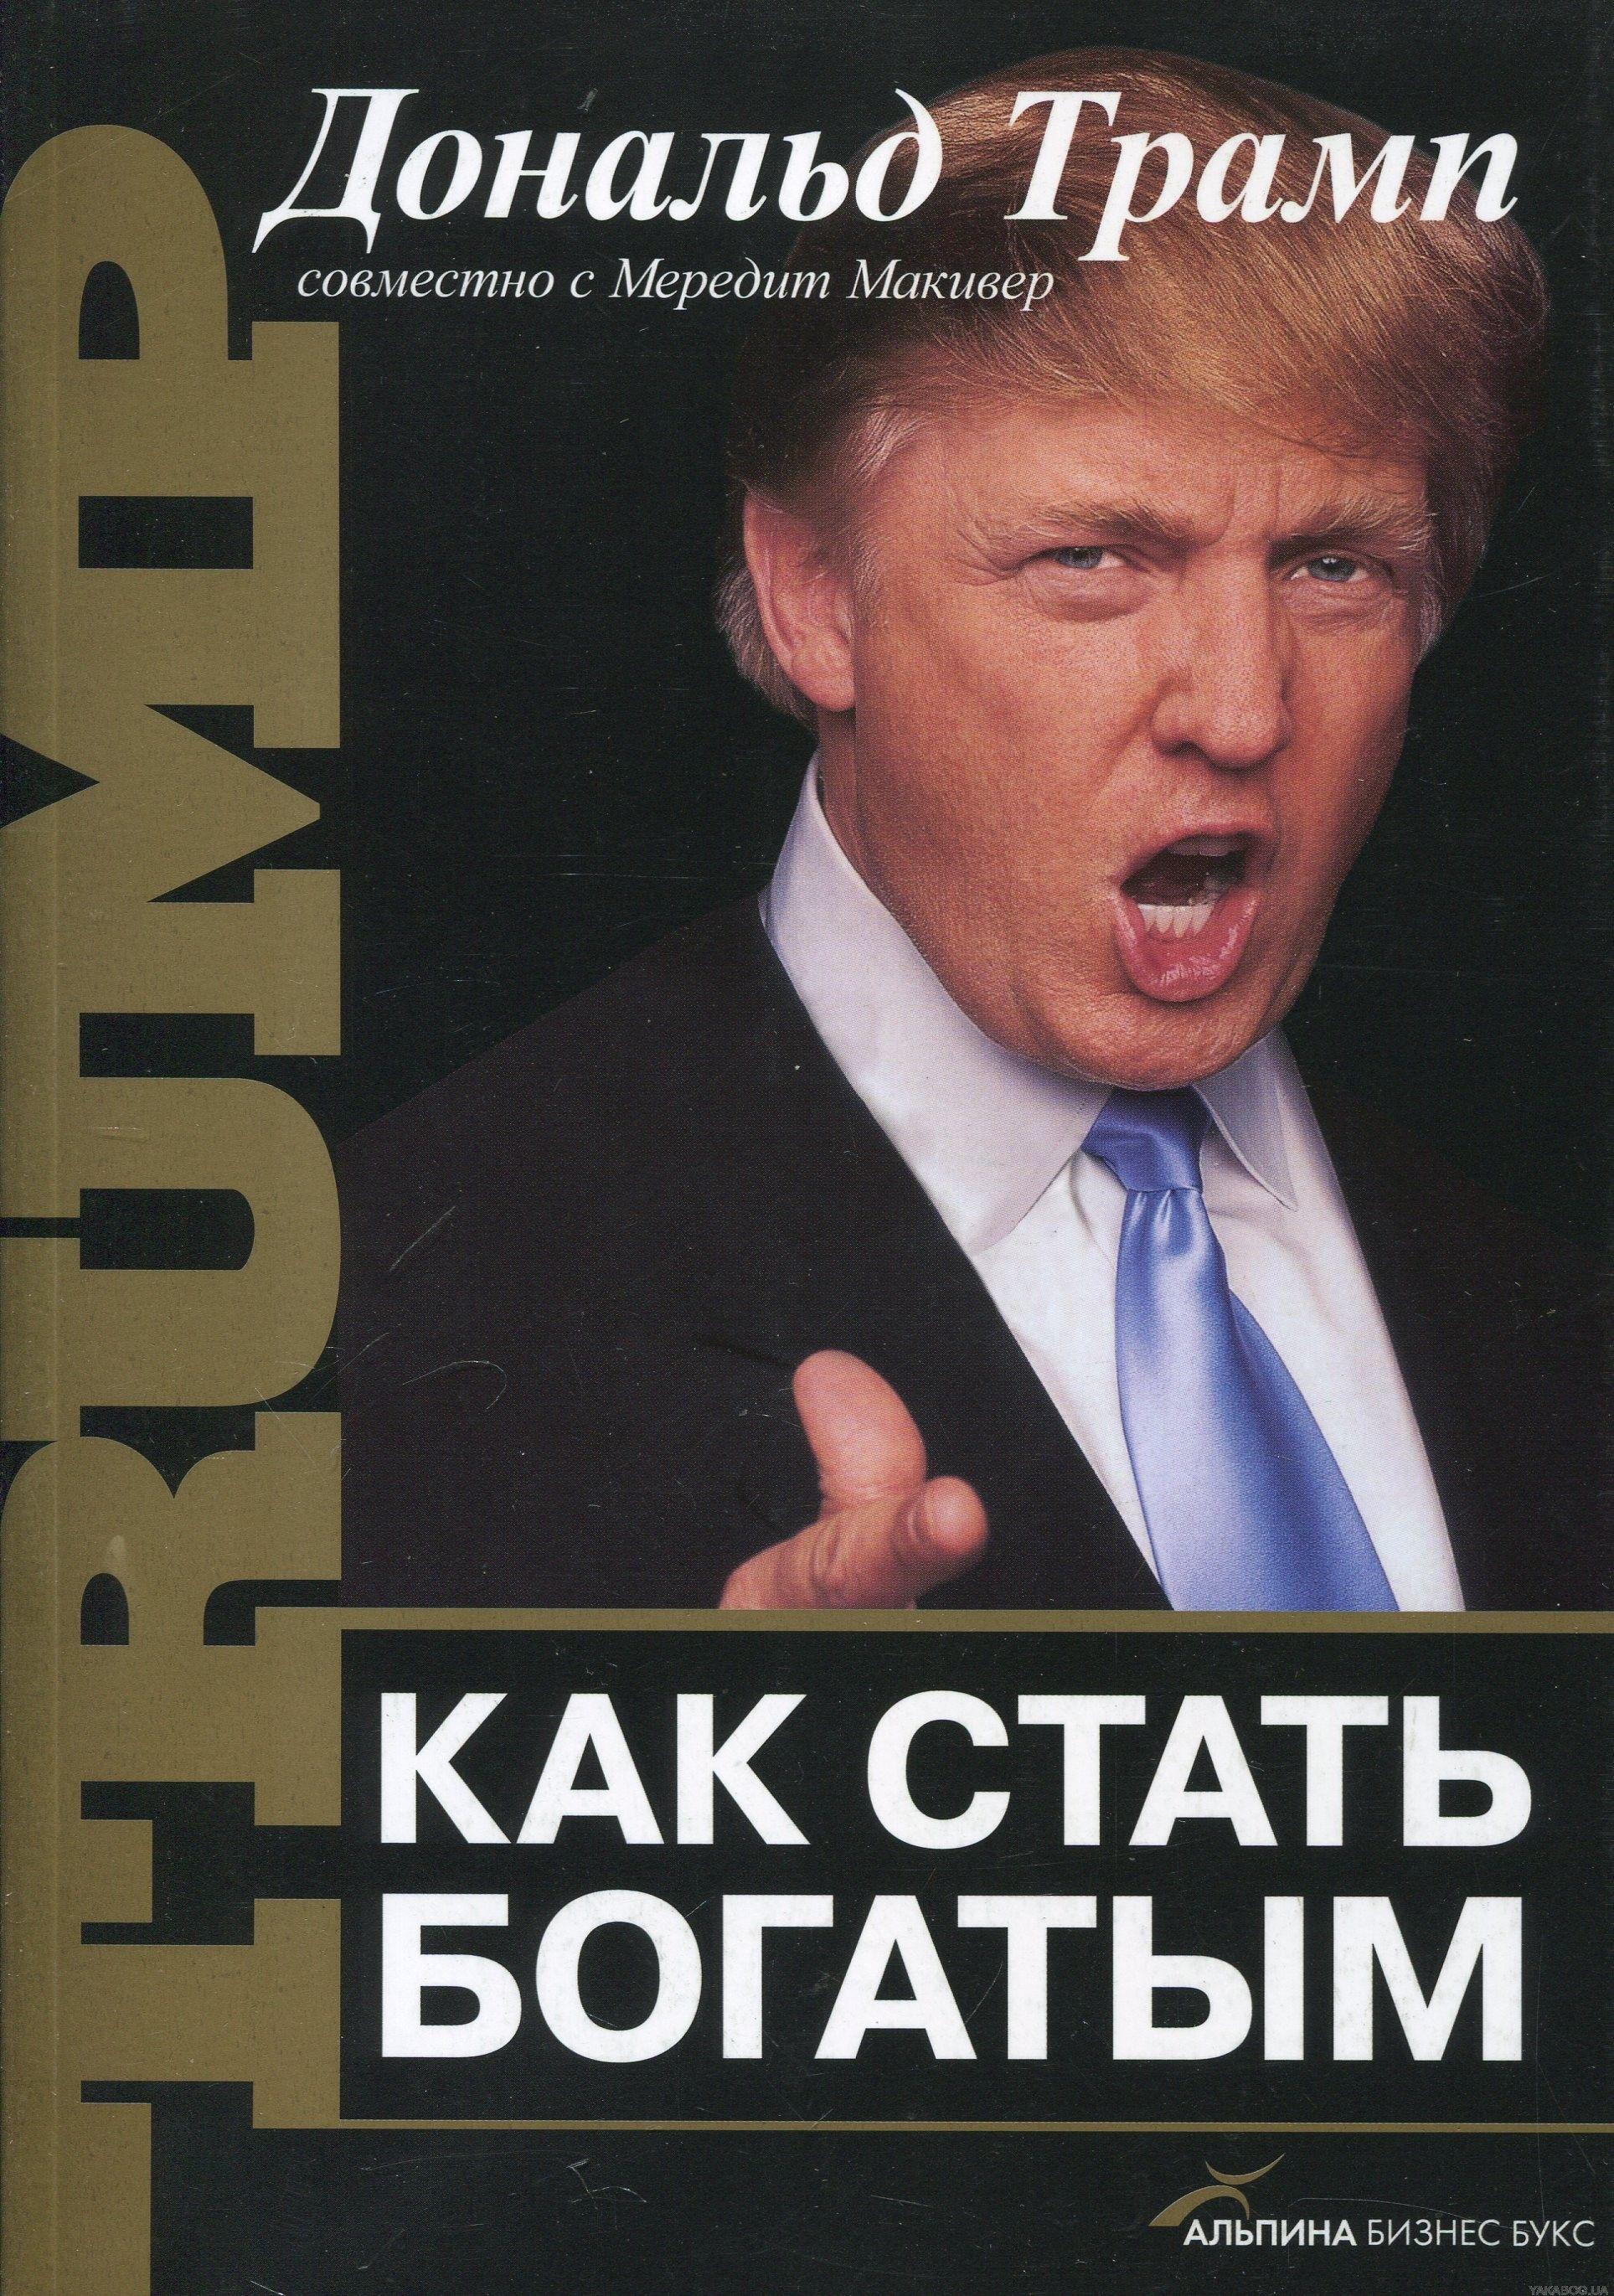 Скачать книги дональд трамп